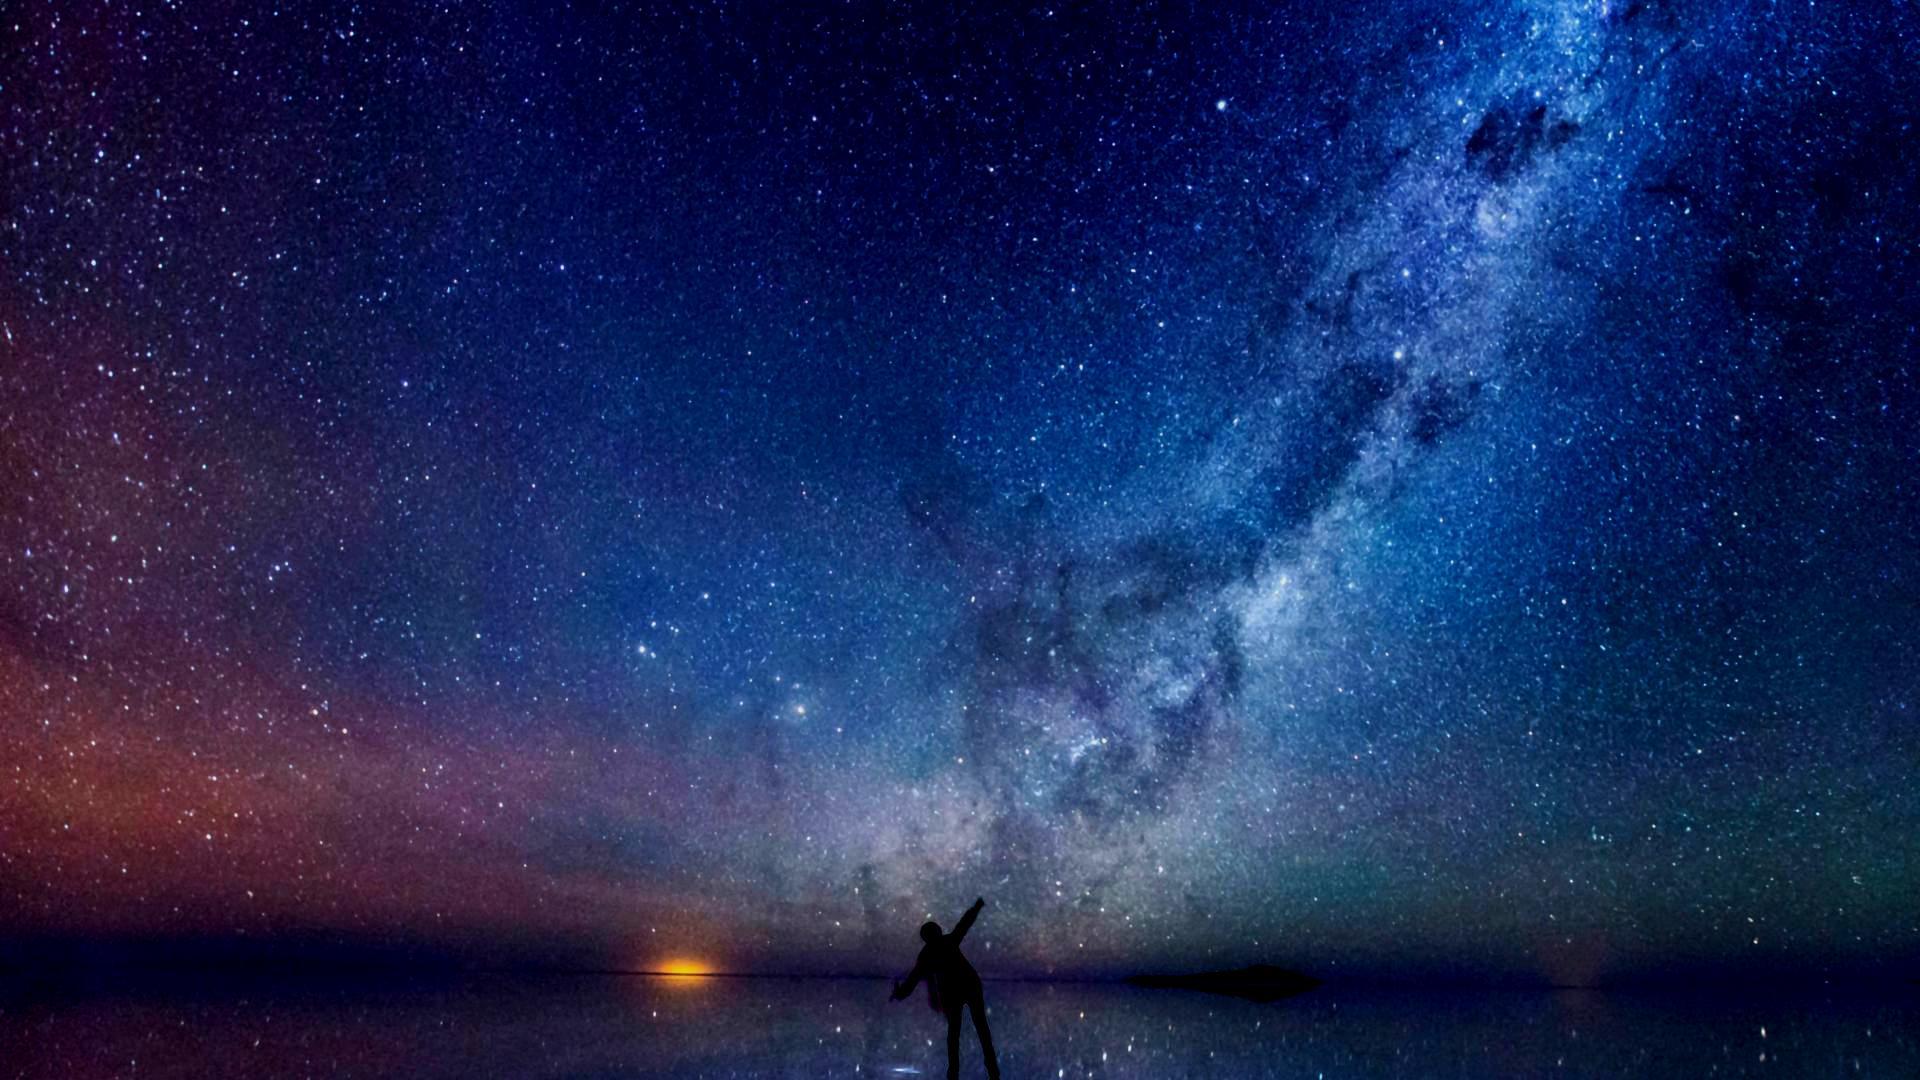 ÜÇÜNCÜ ANTLAŞMA Bölüm 21...Tanrı'nın Gücü, Yanınızdaki Varlığı ve Adaleti